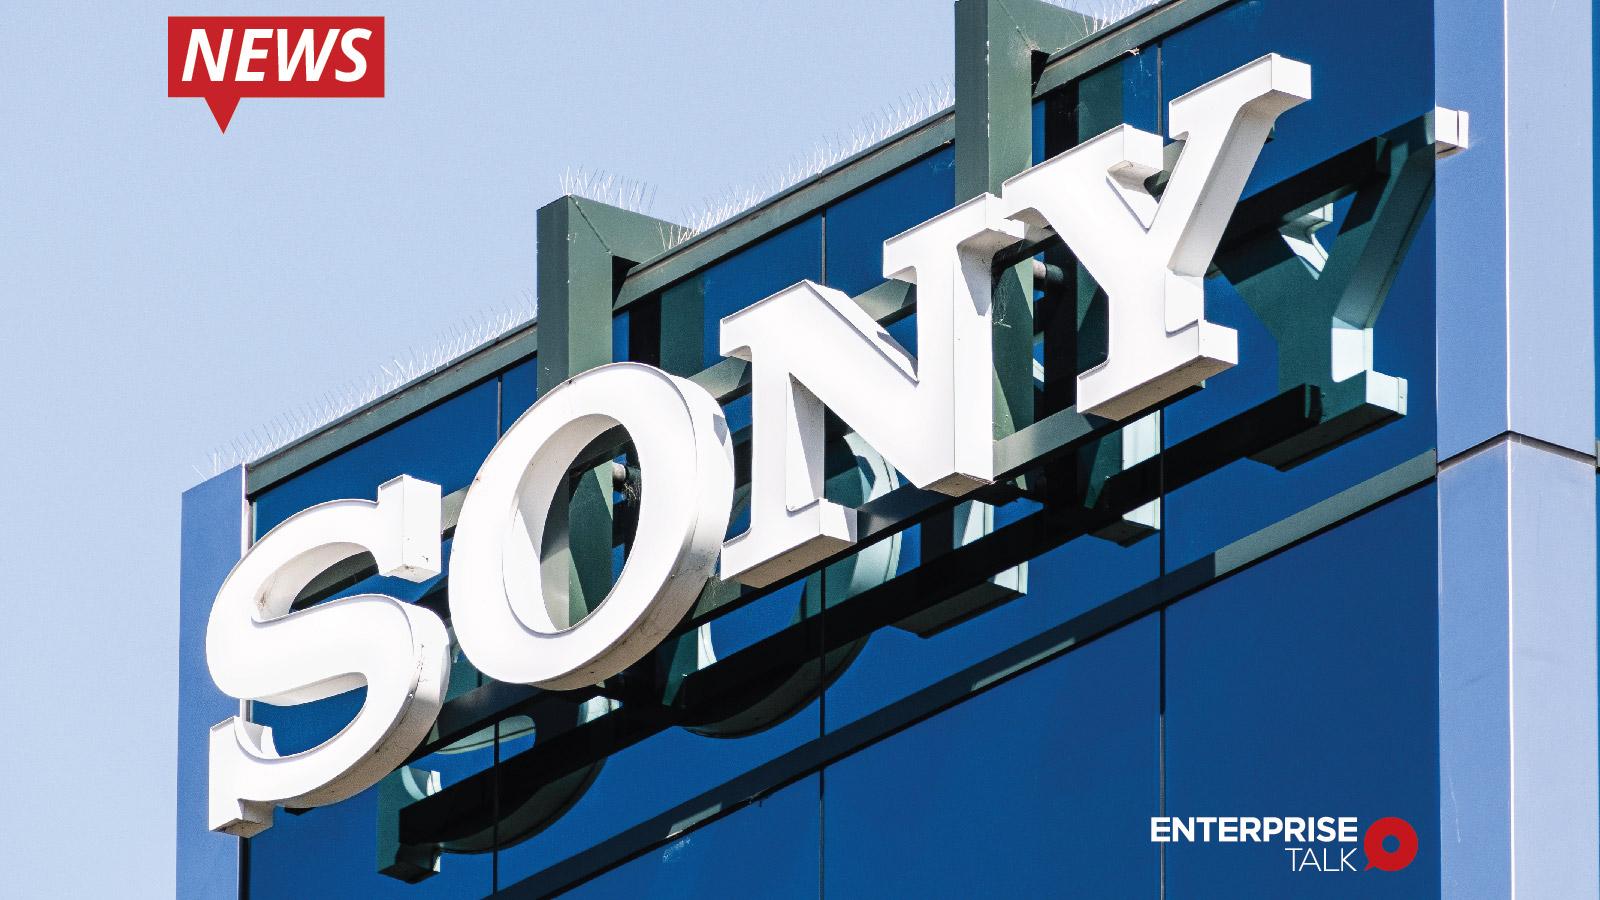 Sony Announces the Establishment of Sony AI with the mission to unleash human creativity - Sony annuncia un nuovo reparto dedicato all'AI. Aspettiamoci di tutto.